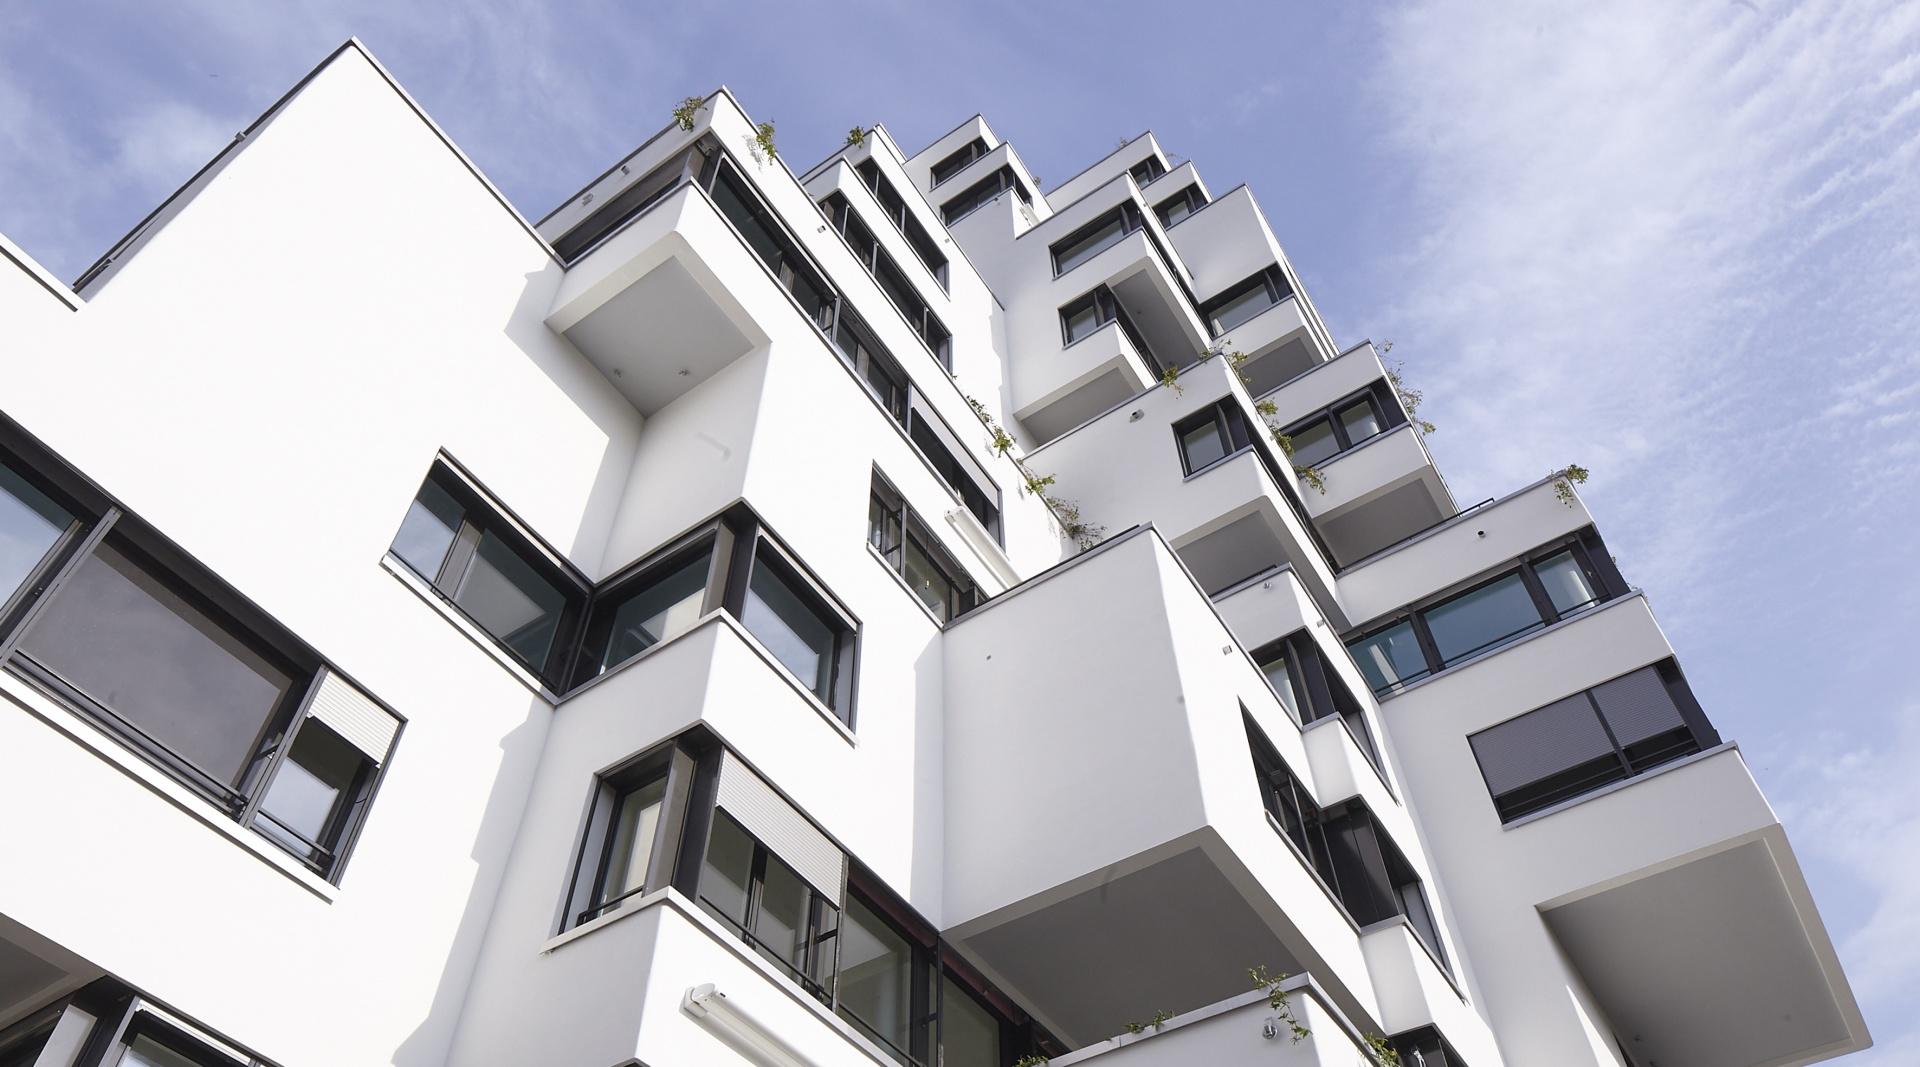 Stollturm_Volumenstaffelung  © Architektur Rolf Stalder AG / Maria Gambino